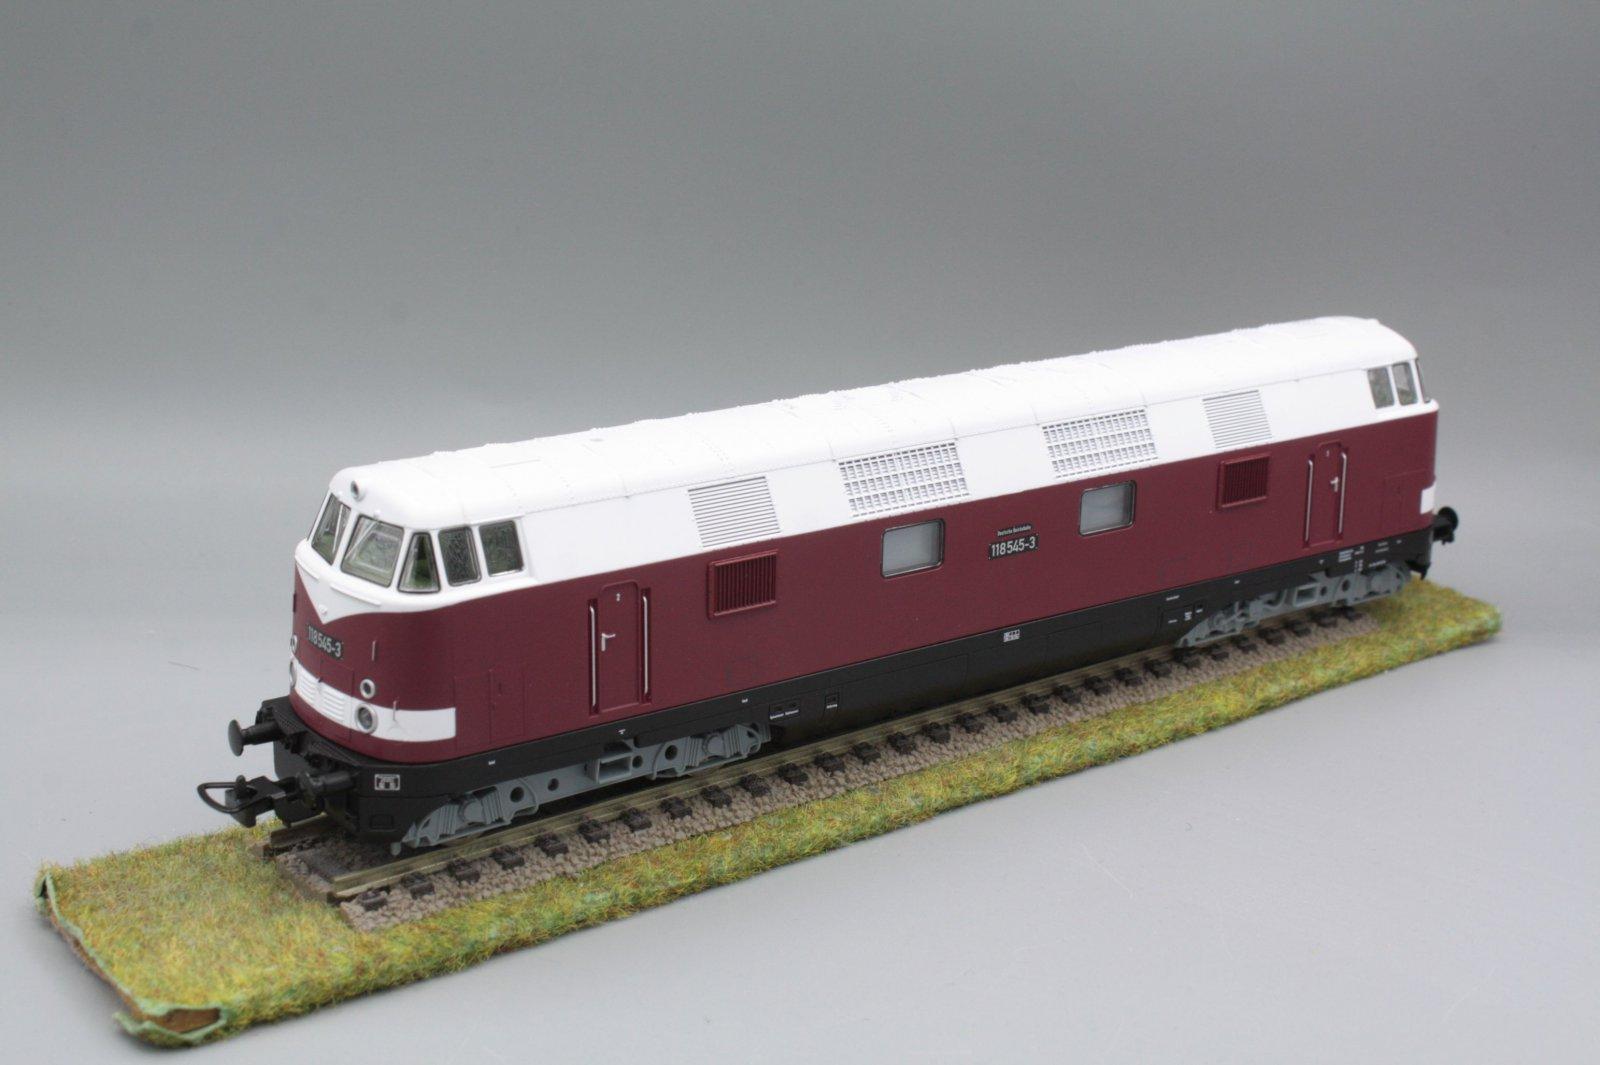 Piko 59564 Diesellok 118 545-3 Spur H0 - digital (D&H) mit Sound (Henning-Sound)